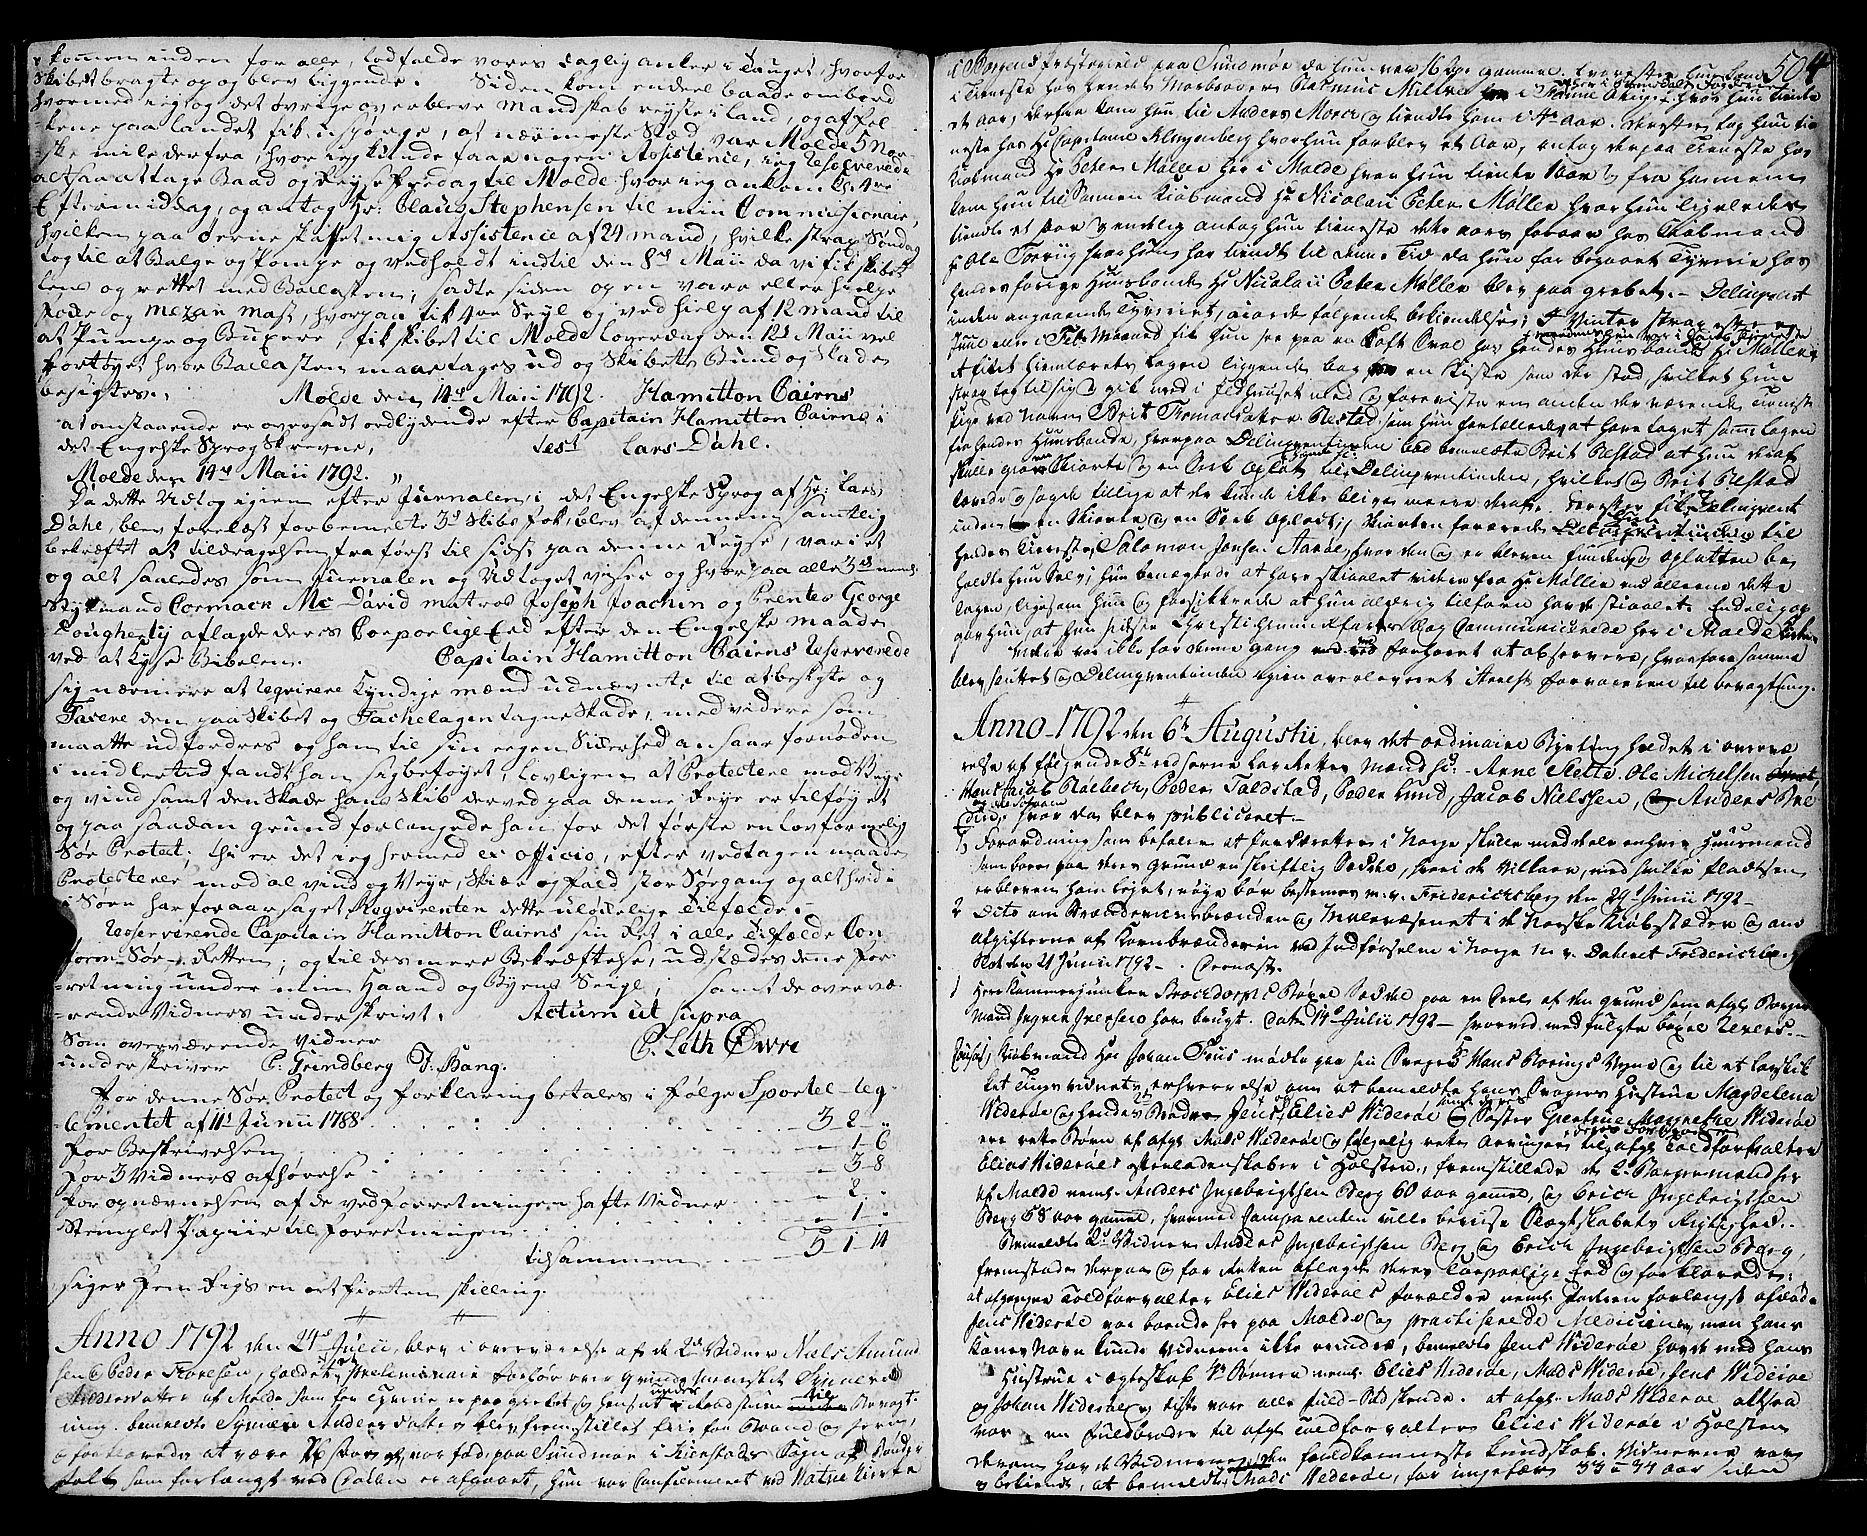 SAT, Molde byfogd, 1/1A/L0001: Justisprotokoll, 1764-1796, s. 505